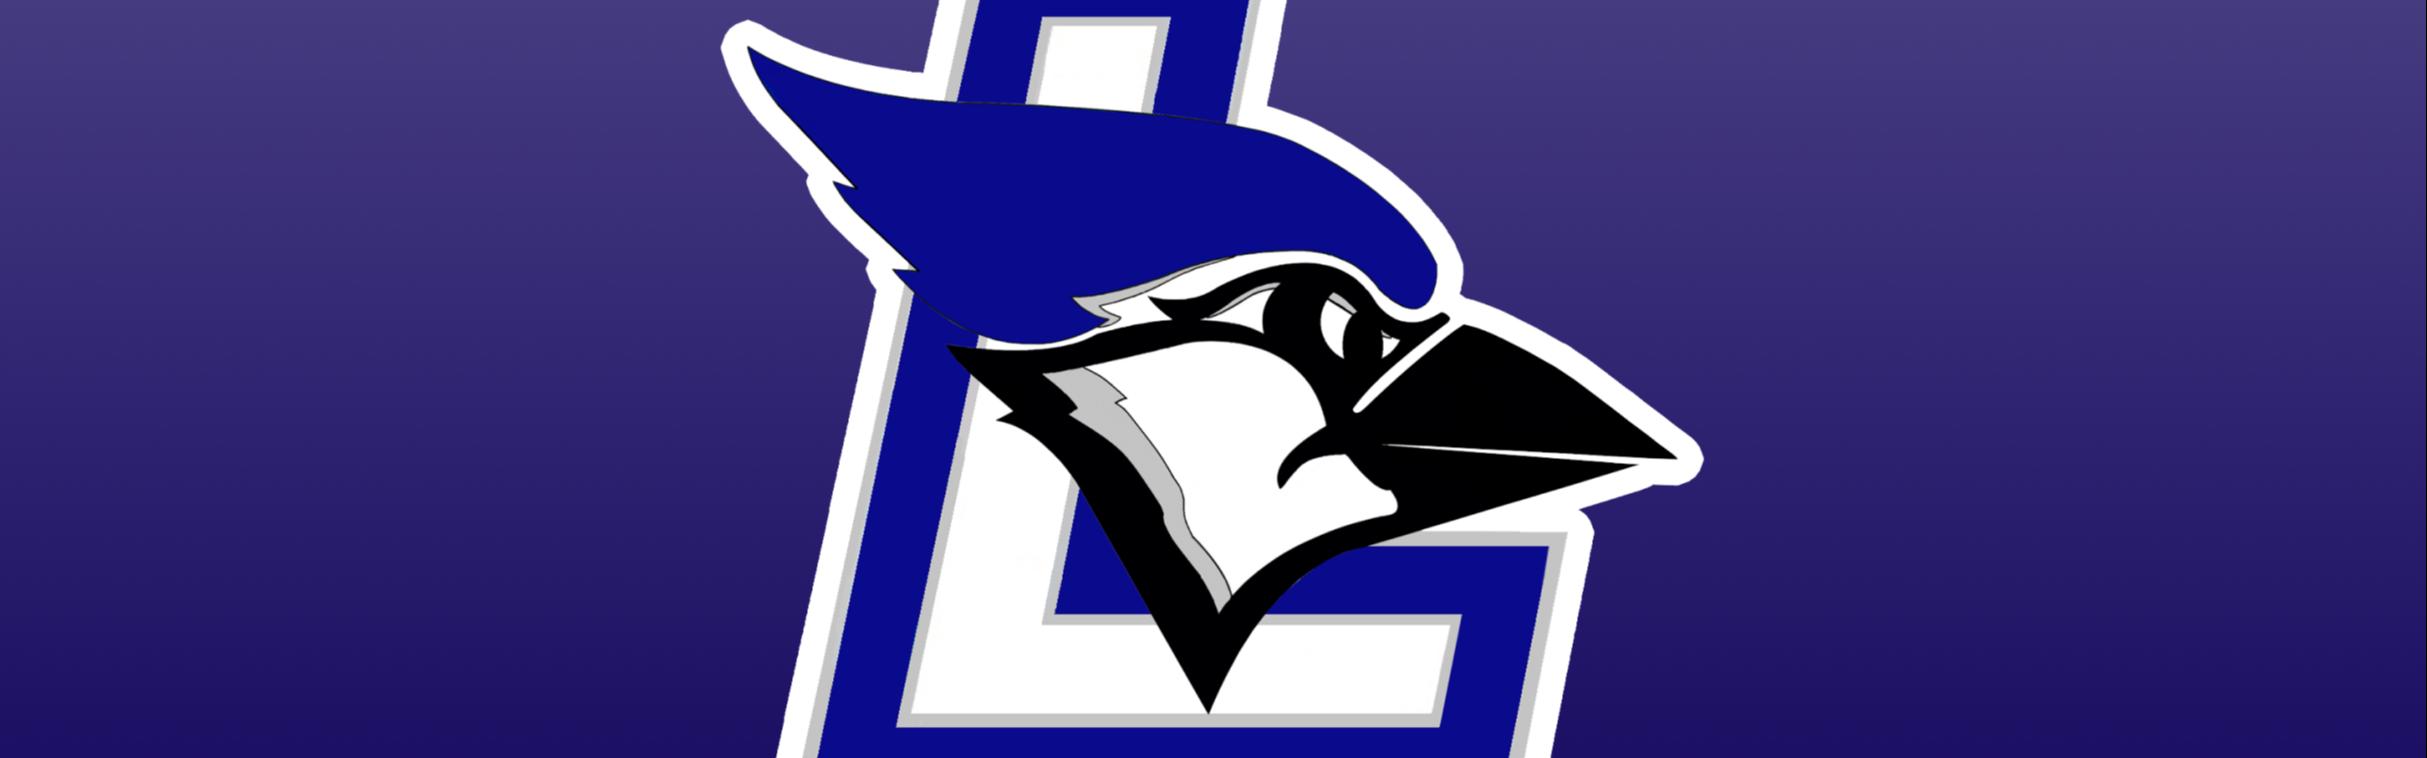 Leesville Bluejay Logo